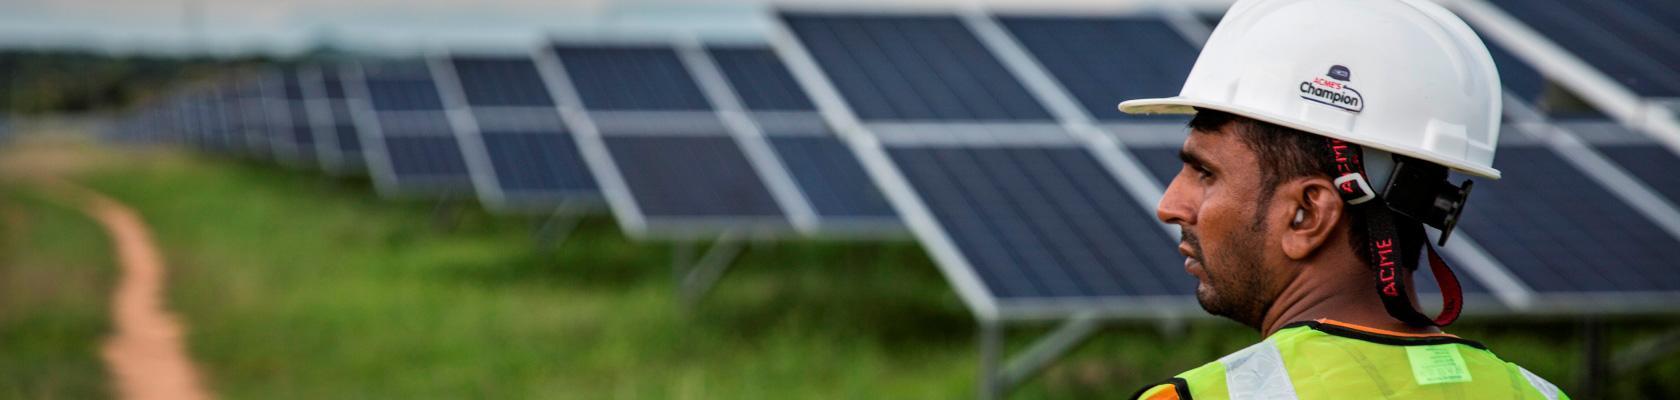 Alliance Caisse des dépôts AFD, centrale solaire New Era, Inde, énergie